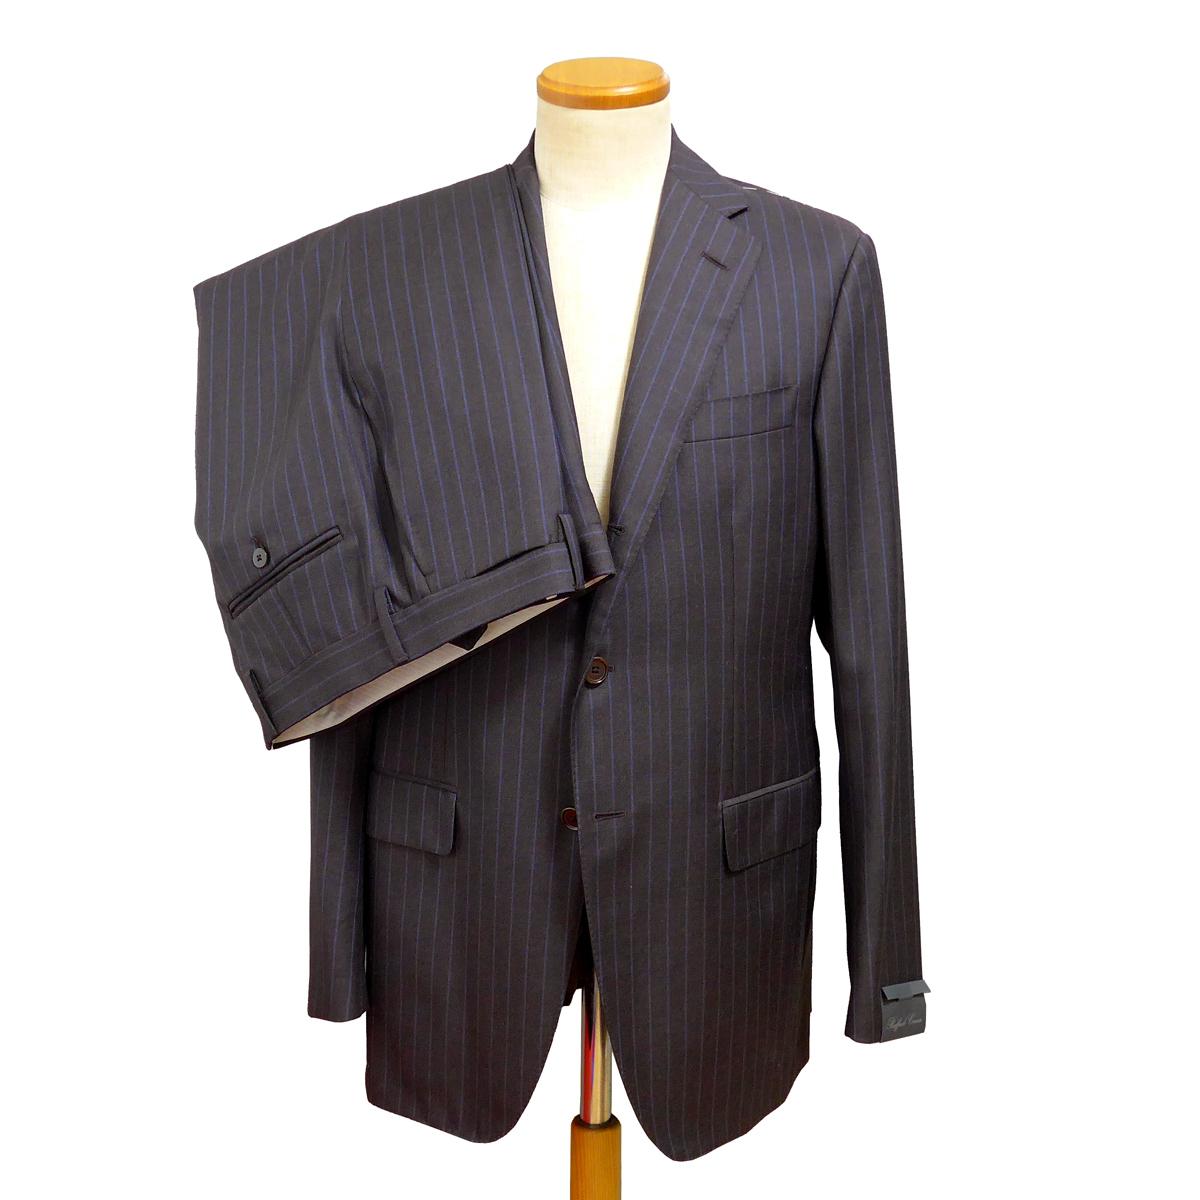 【新品未使用】Raffaele Caruso(ラファエルカルーゾ)ウール シングル3Bスーツ Col:D.BROWN Size:48 イタリア製